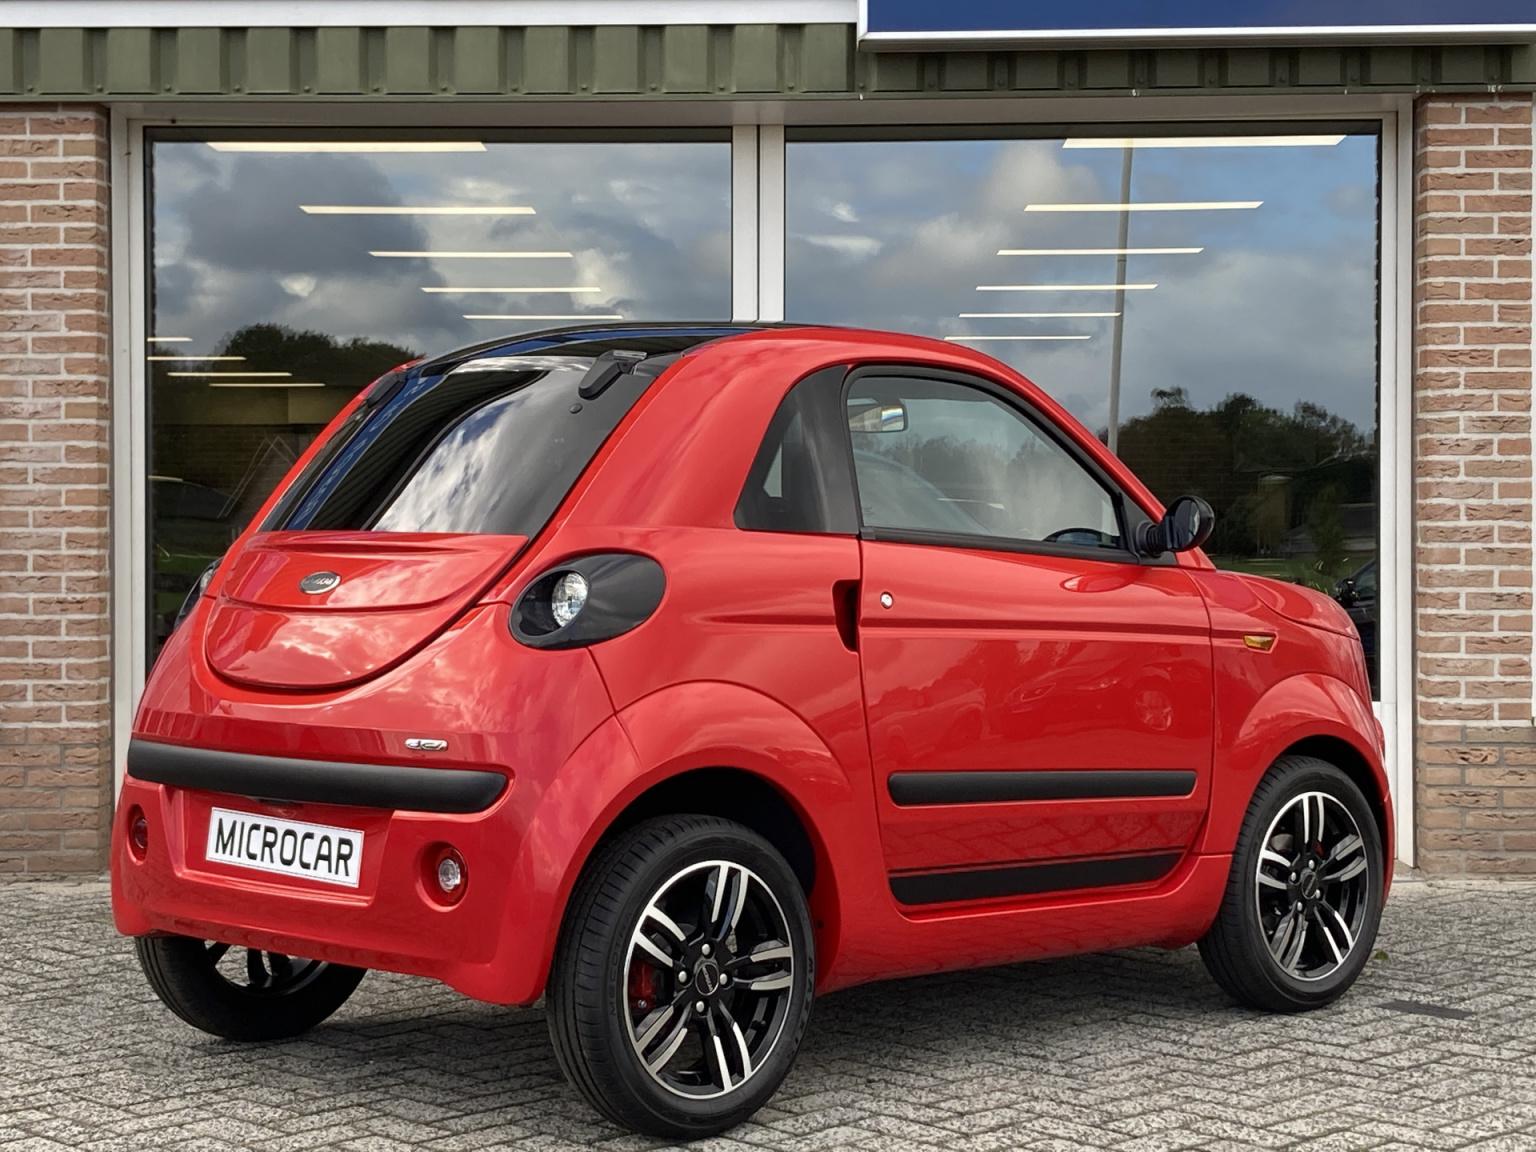 Microcar-Dué 6 Plus Design Pack DCi - Van € 13.490,- voor € 12.490,- | Voorraadactie!-5